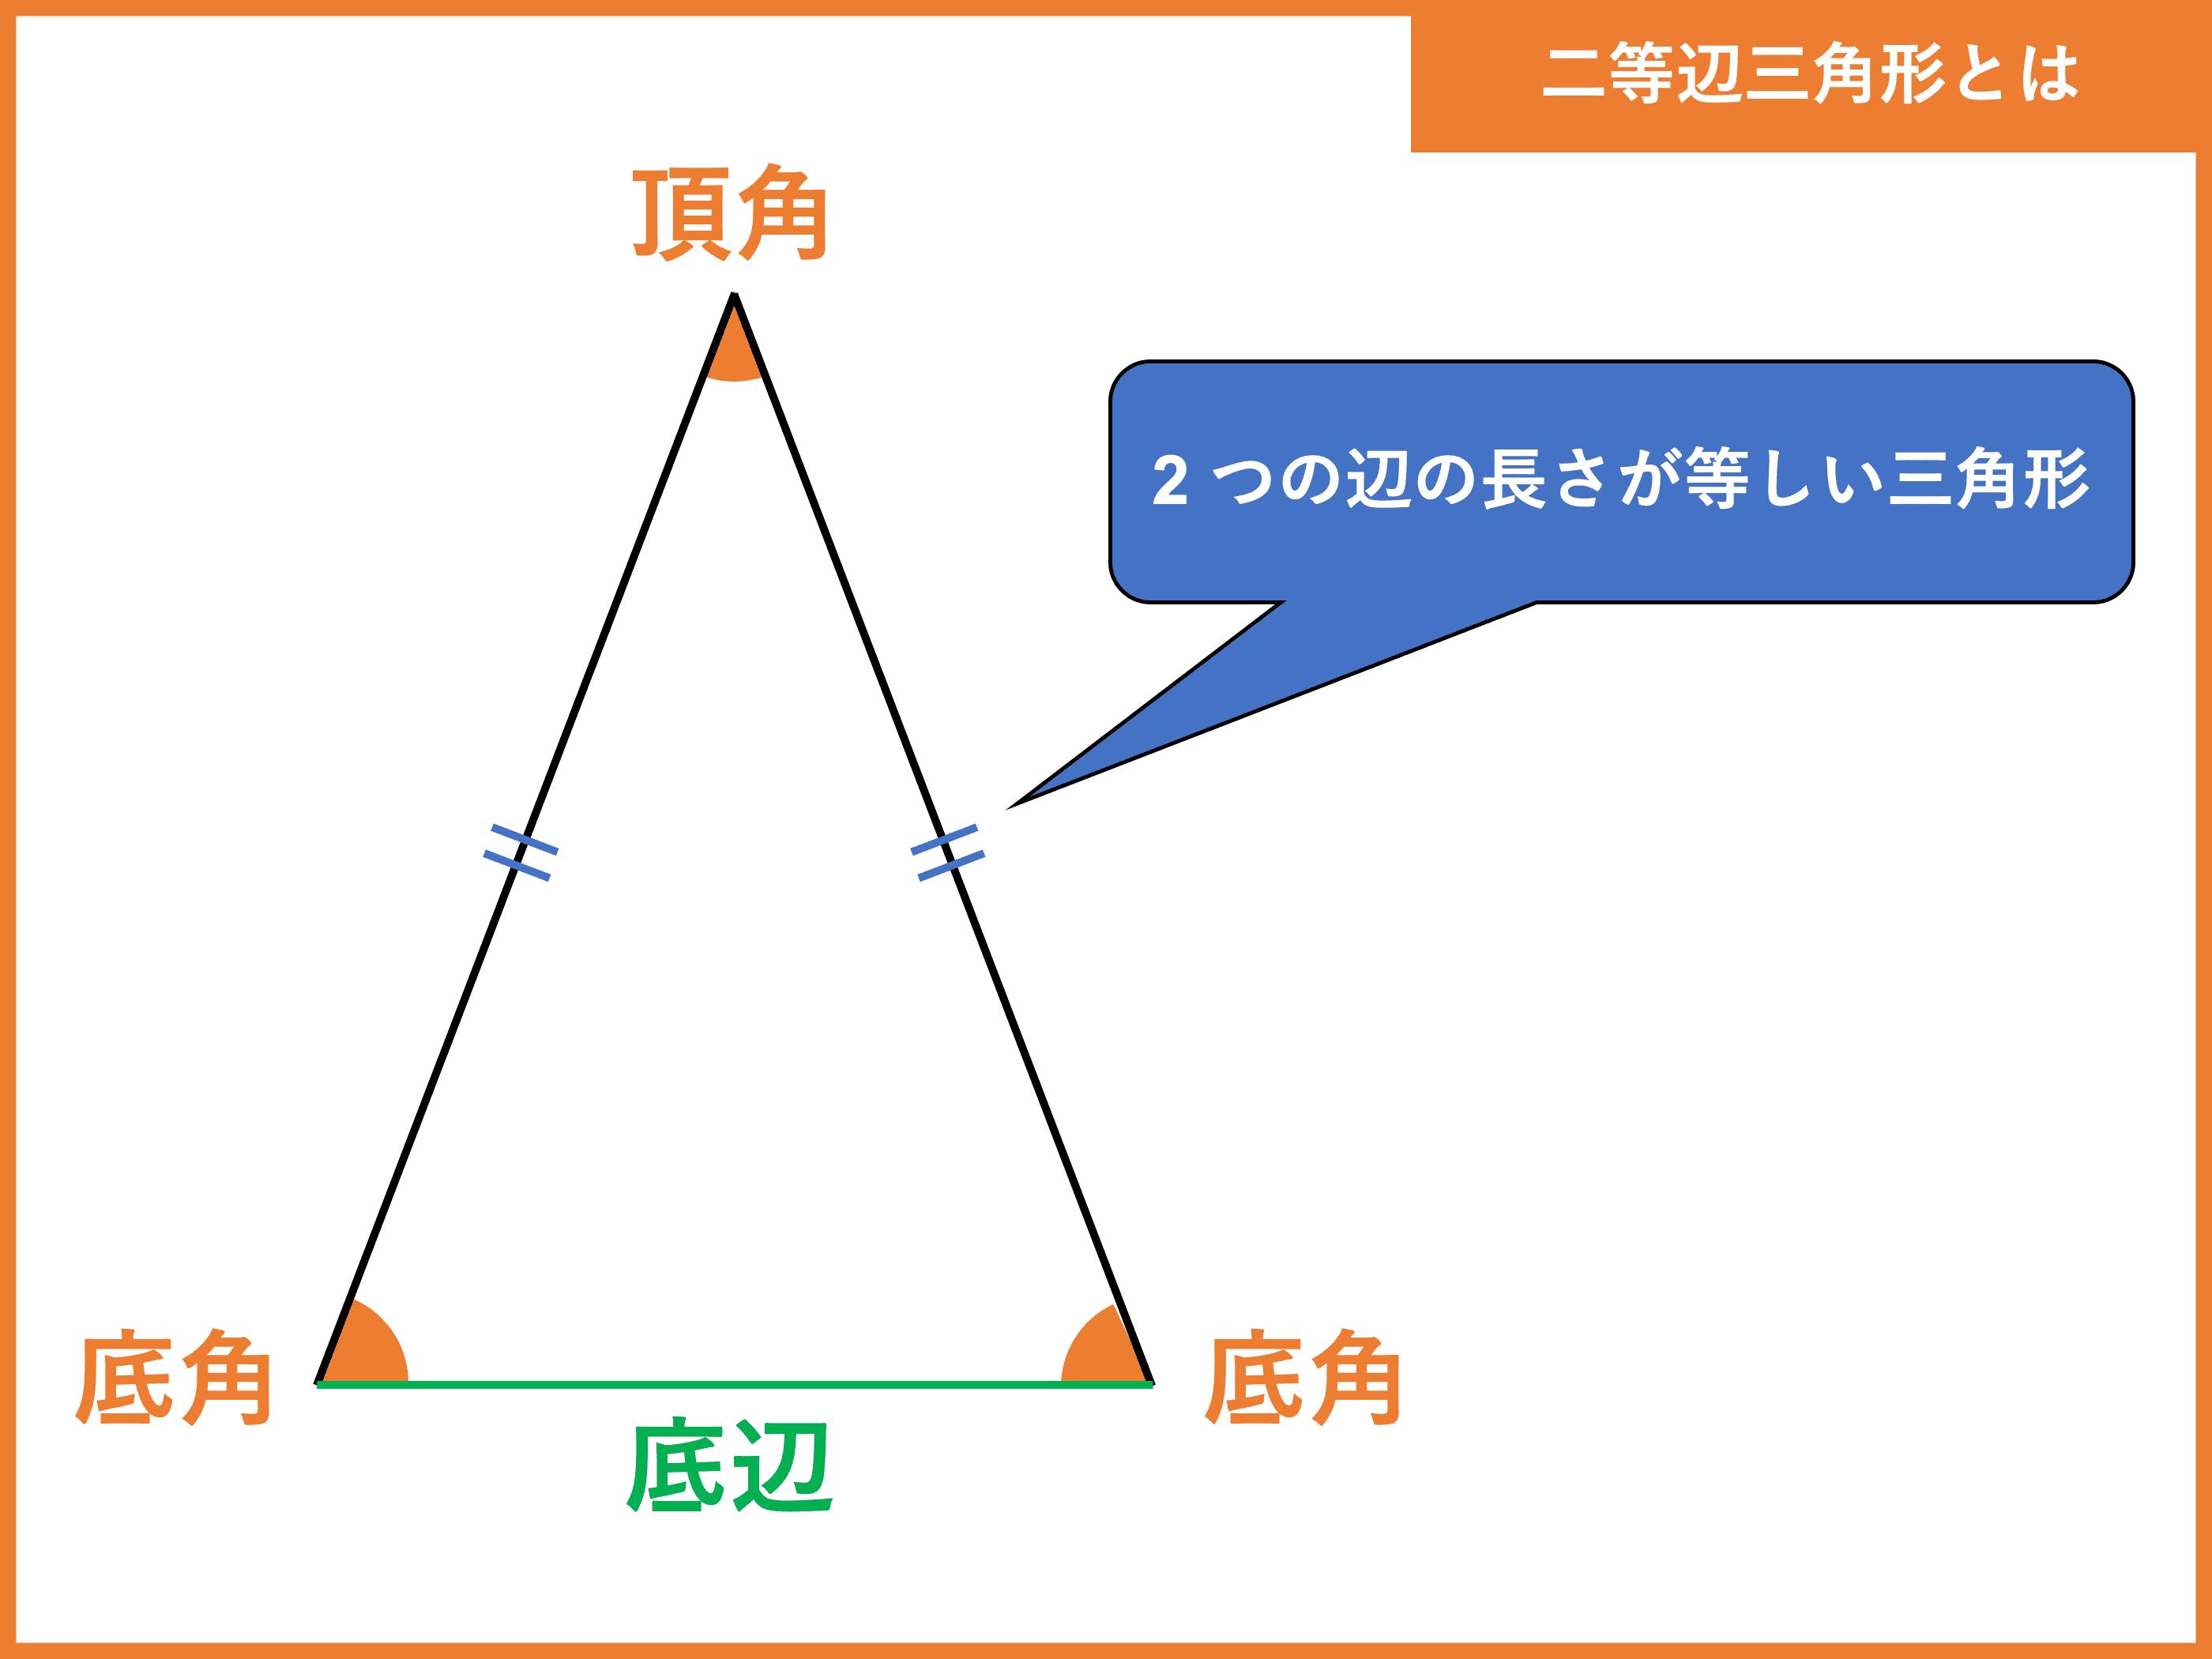 二等辺三角形とは?定義や定理、角度・辺の長さ・面積の求め方   受験辞典